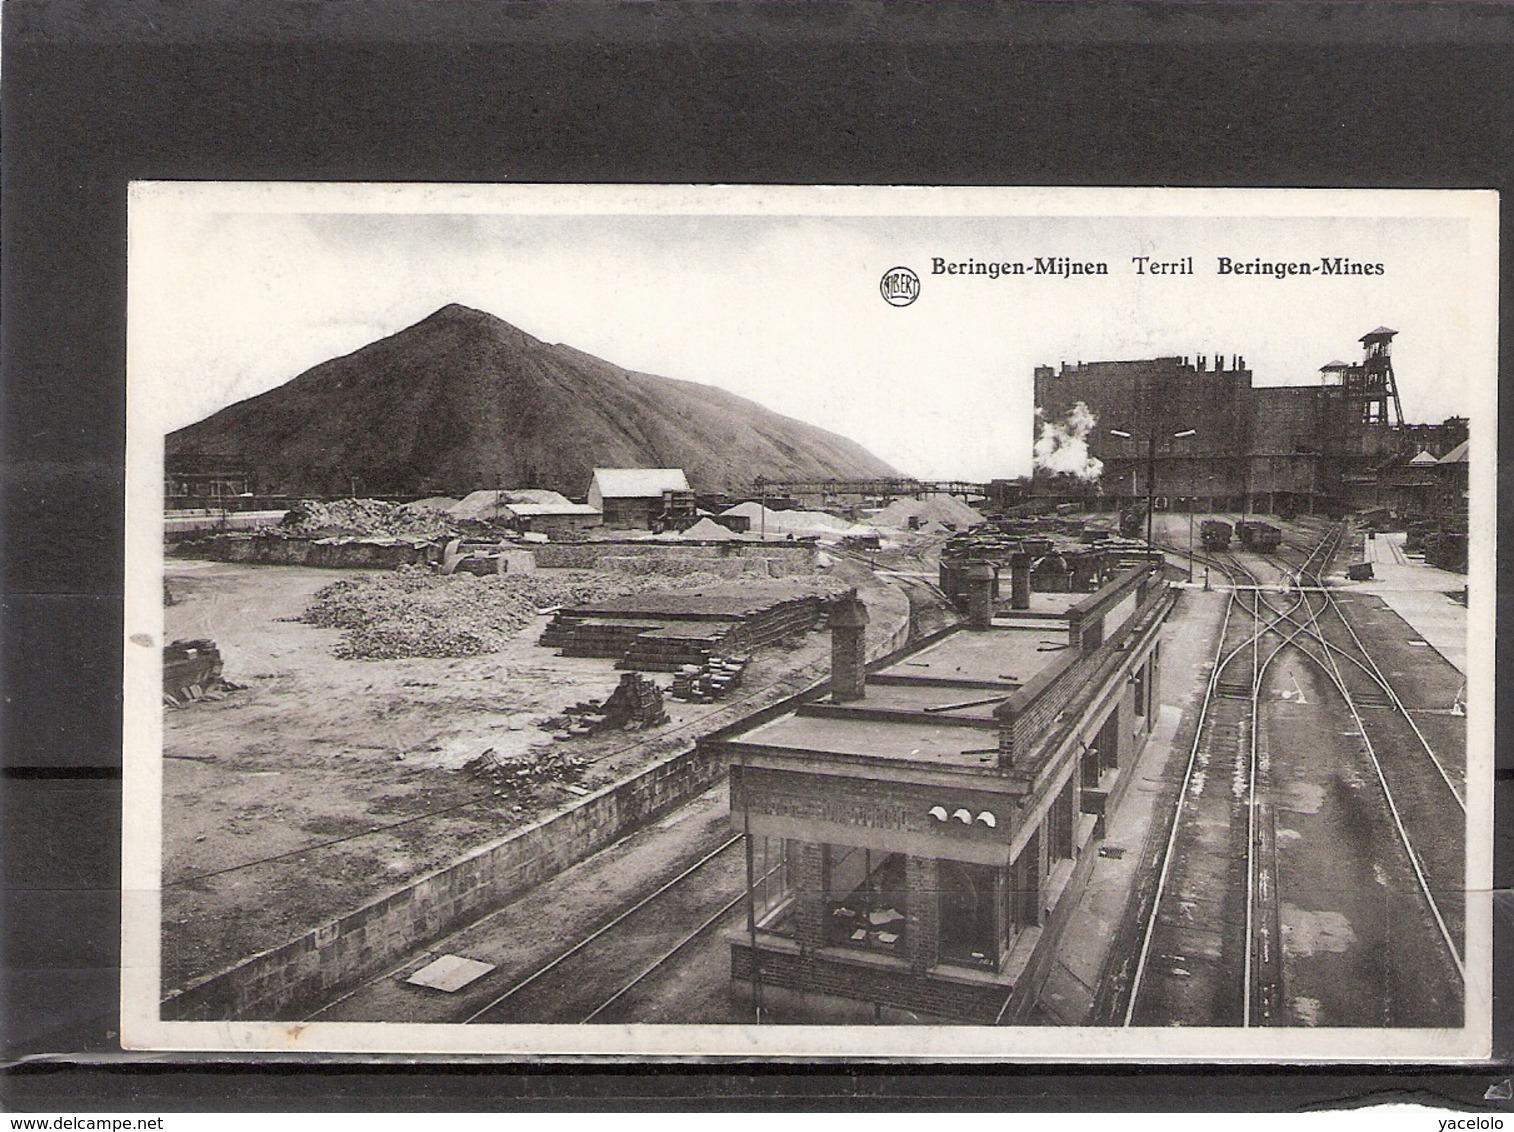 Beringen-Mijnen Terril - Beringen